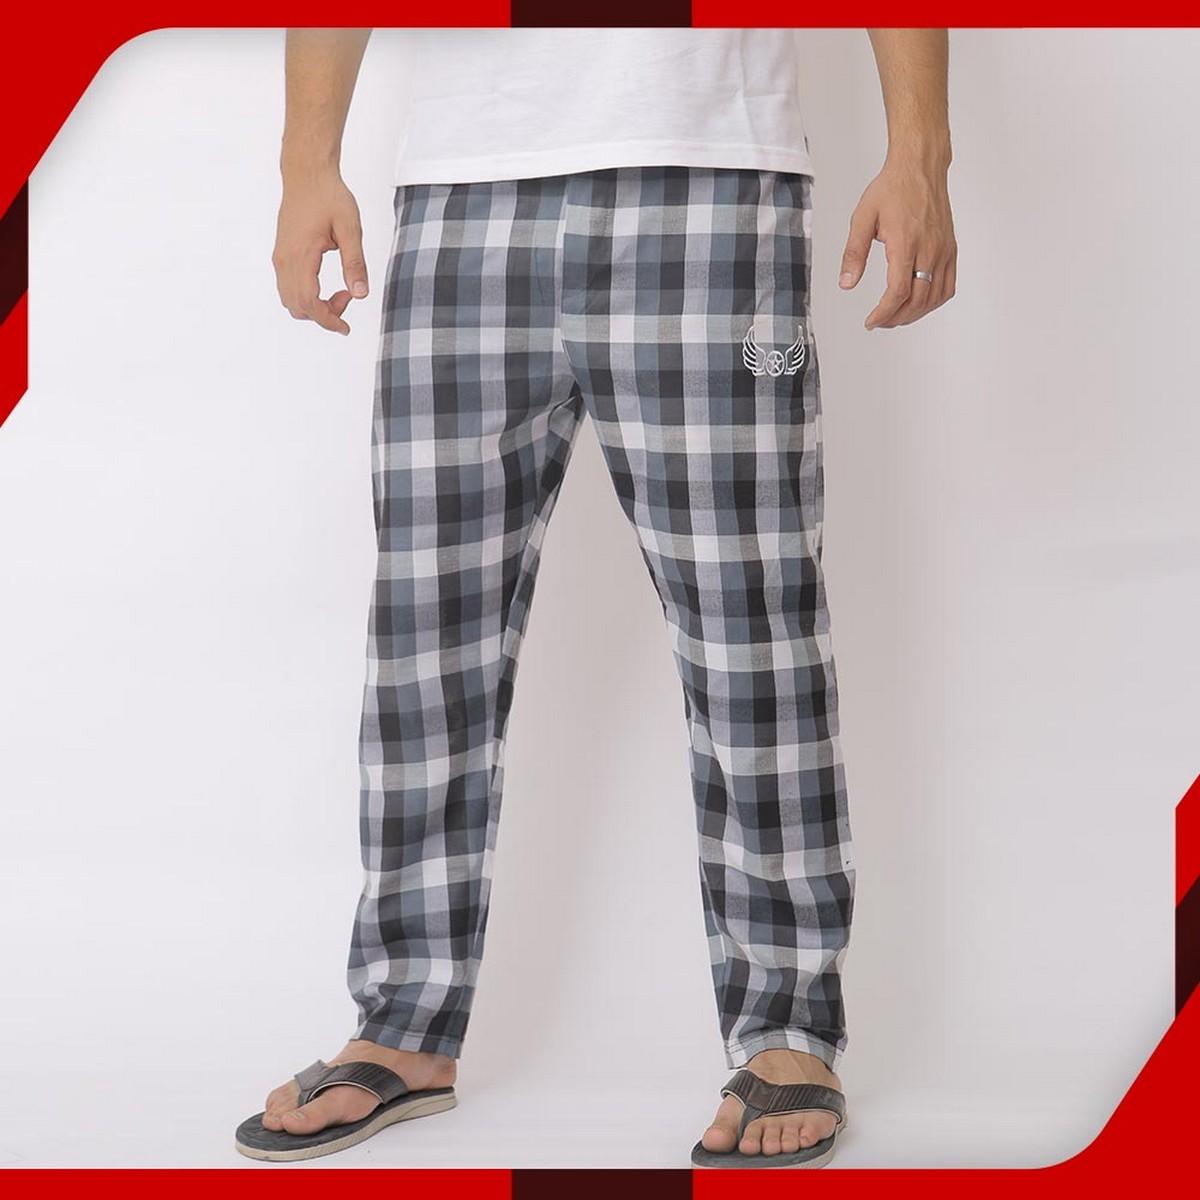 Decent Stylish Cotton Trousers for Men